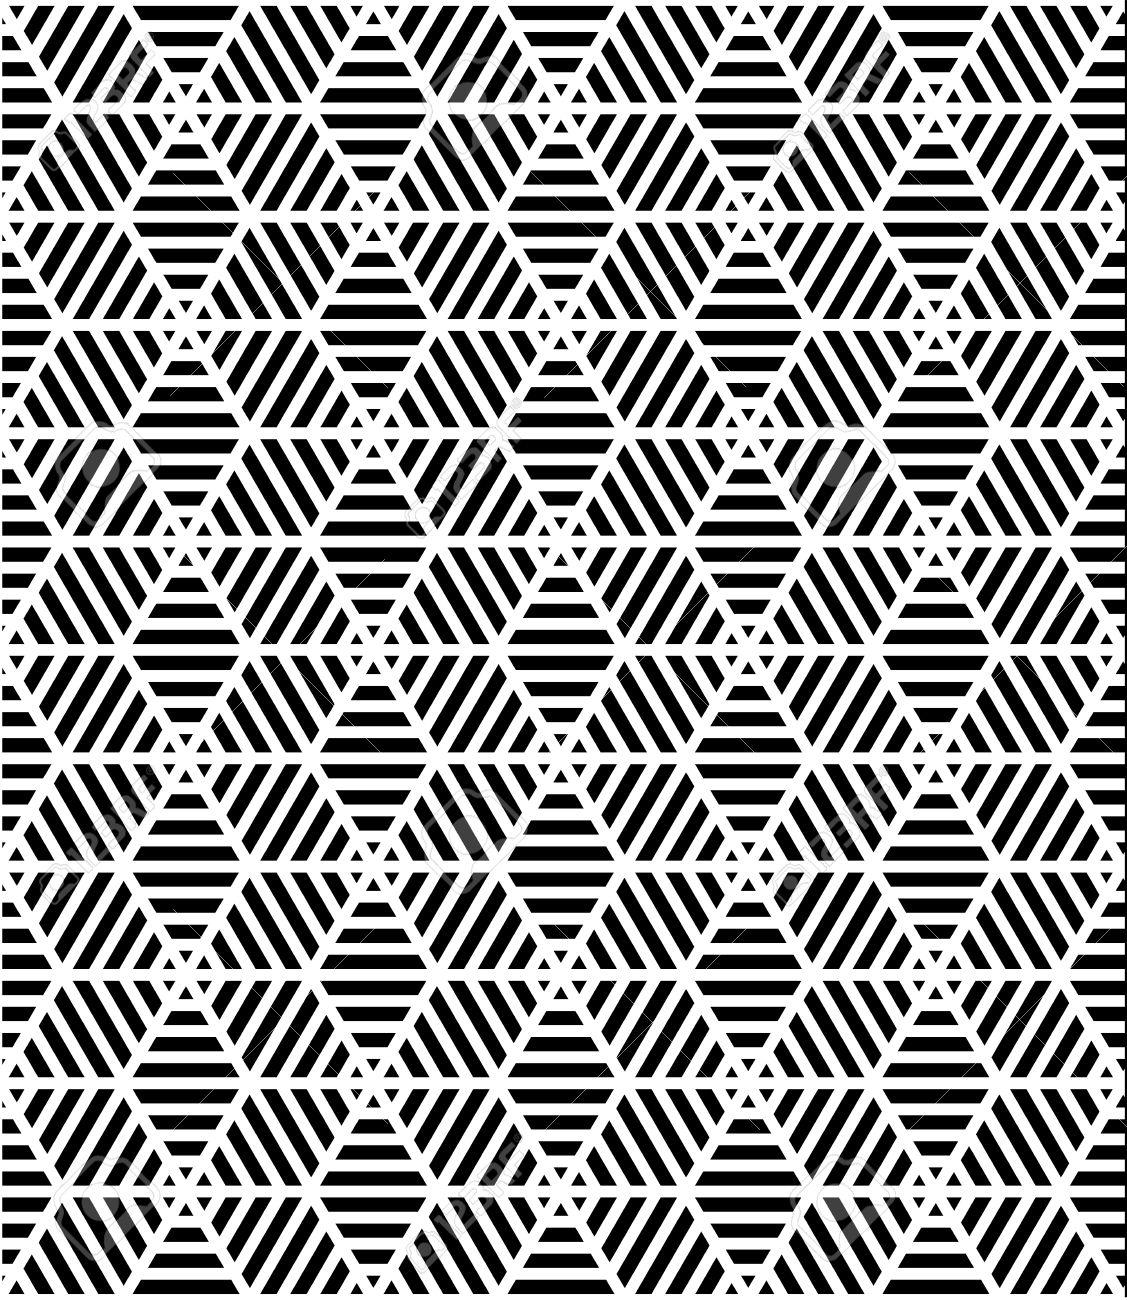 Trippy Background Texture